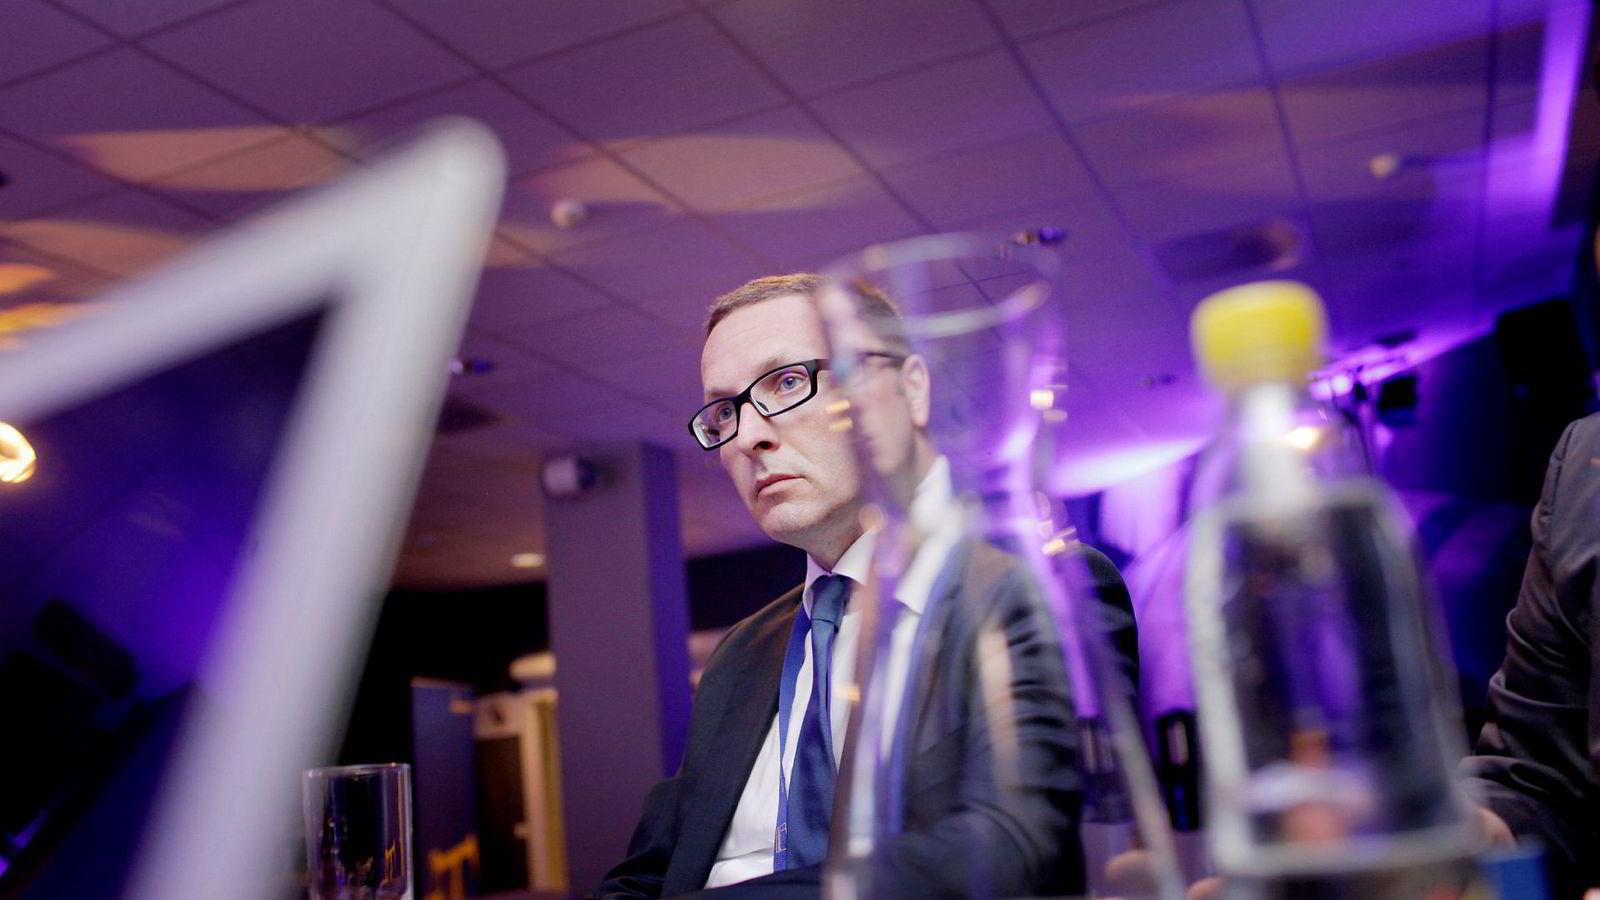 Wintershall-toppsjef Mario Mehren blir snart toppsjef i det fusjonerte Wintershall-Dea.